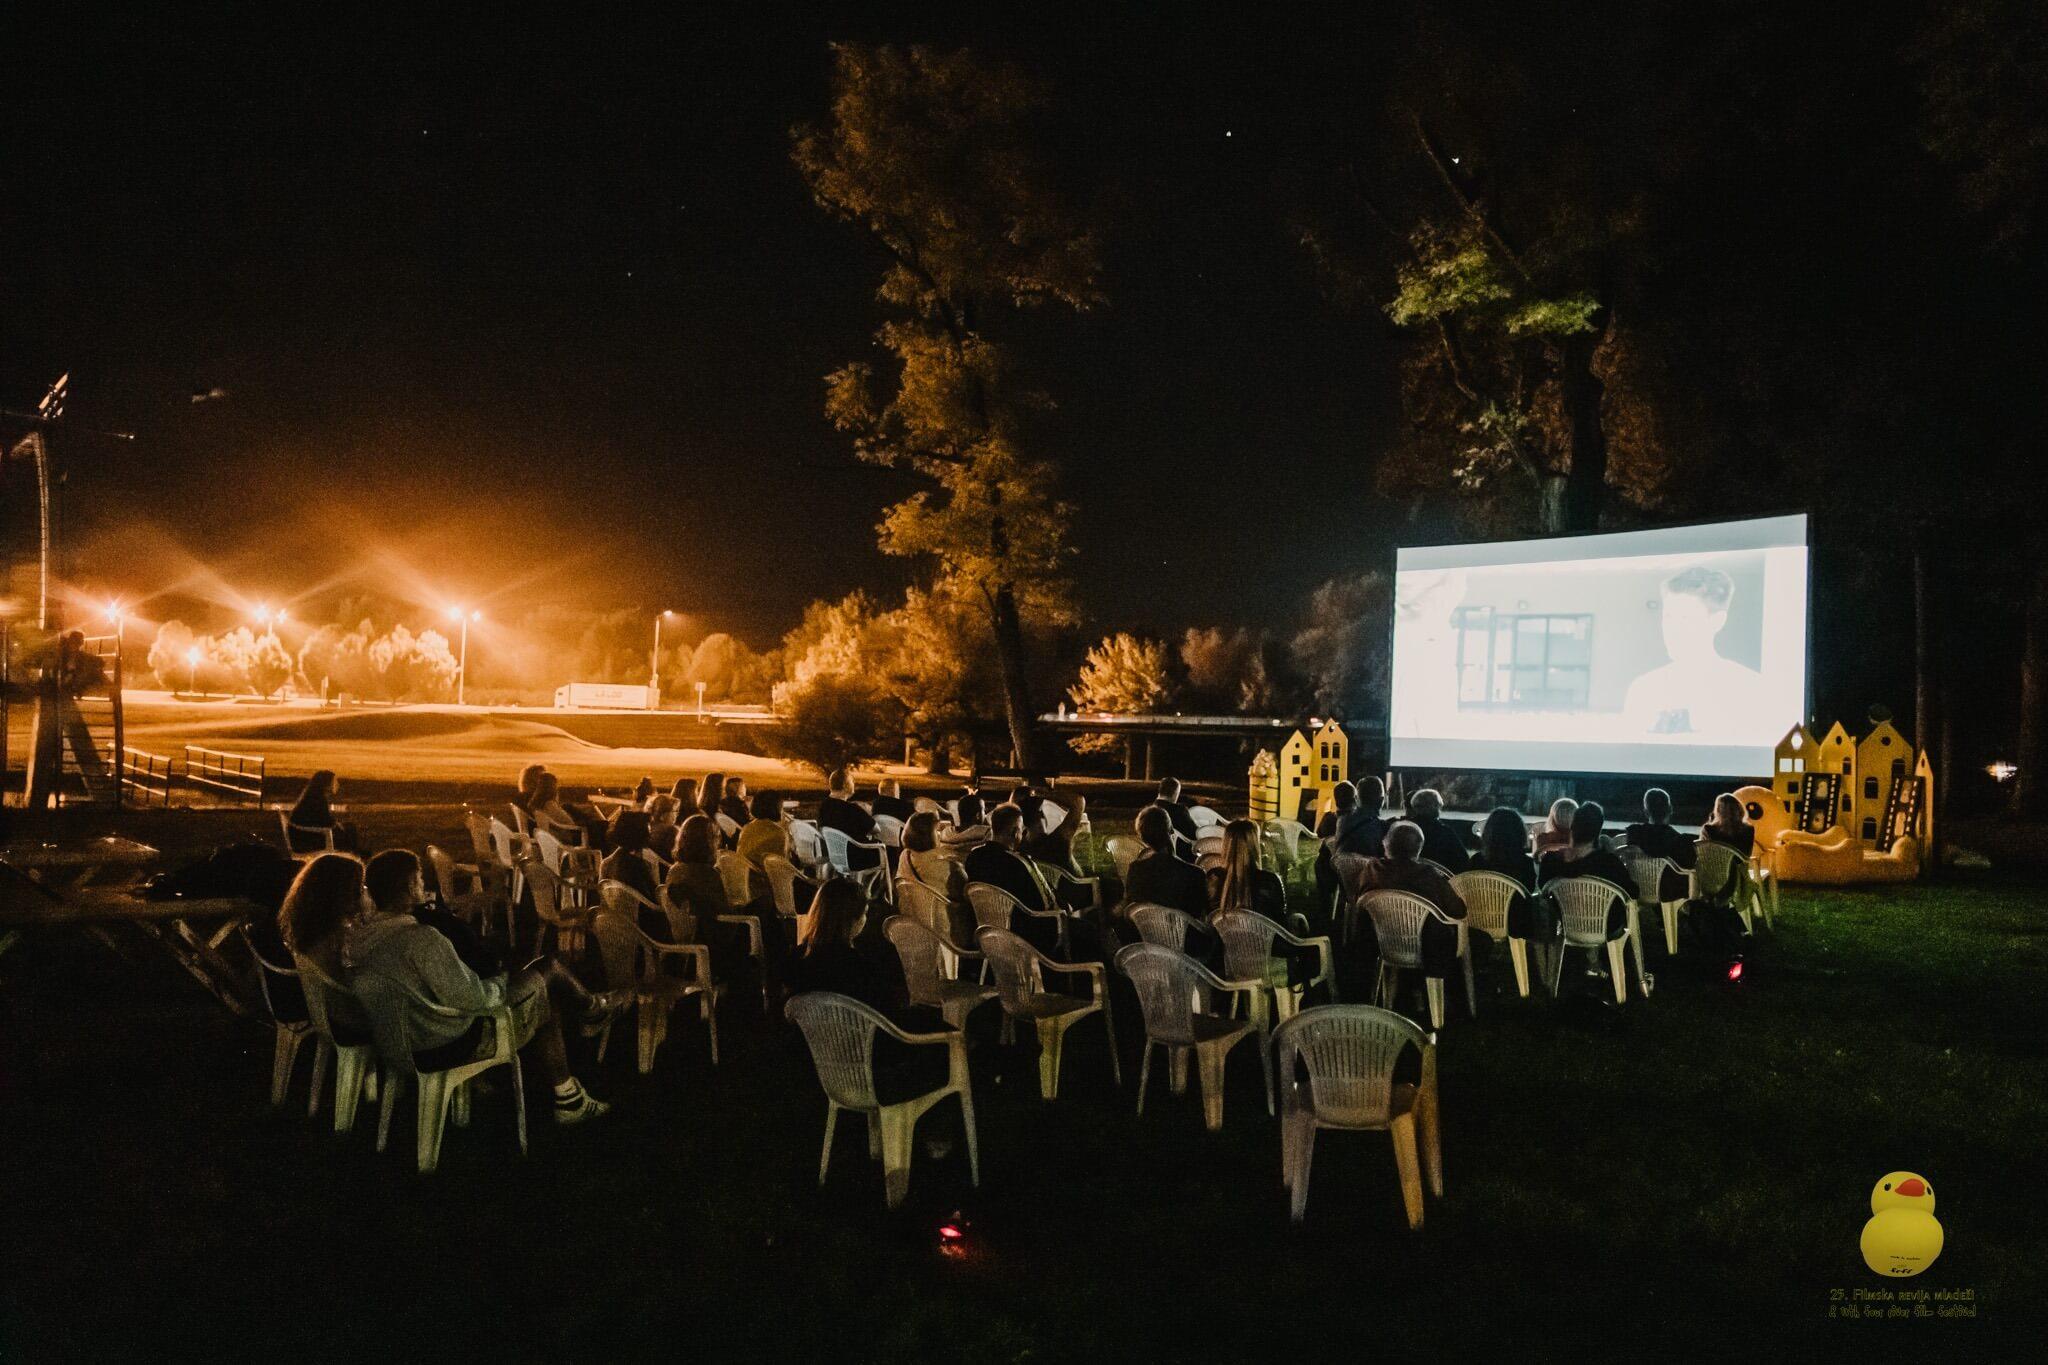 Filmske poslastice u Karlovcu: Murina, Ljubav oko svijeta, Lihvar i Povjerenje na najljepšim kino lokacijama